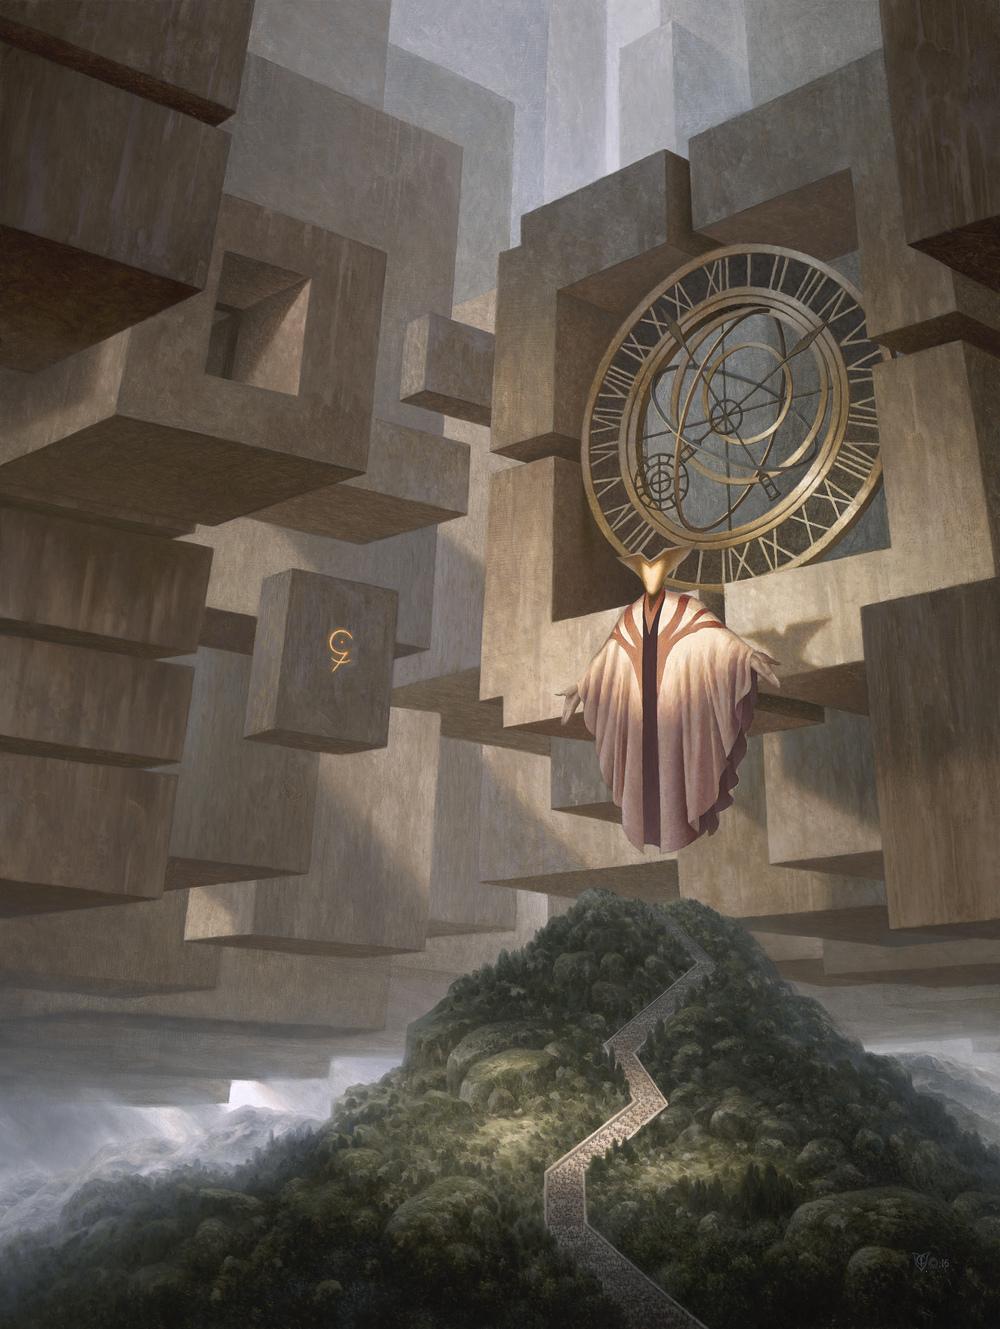 Chronos: The Wheel Of Time.